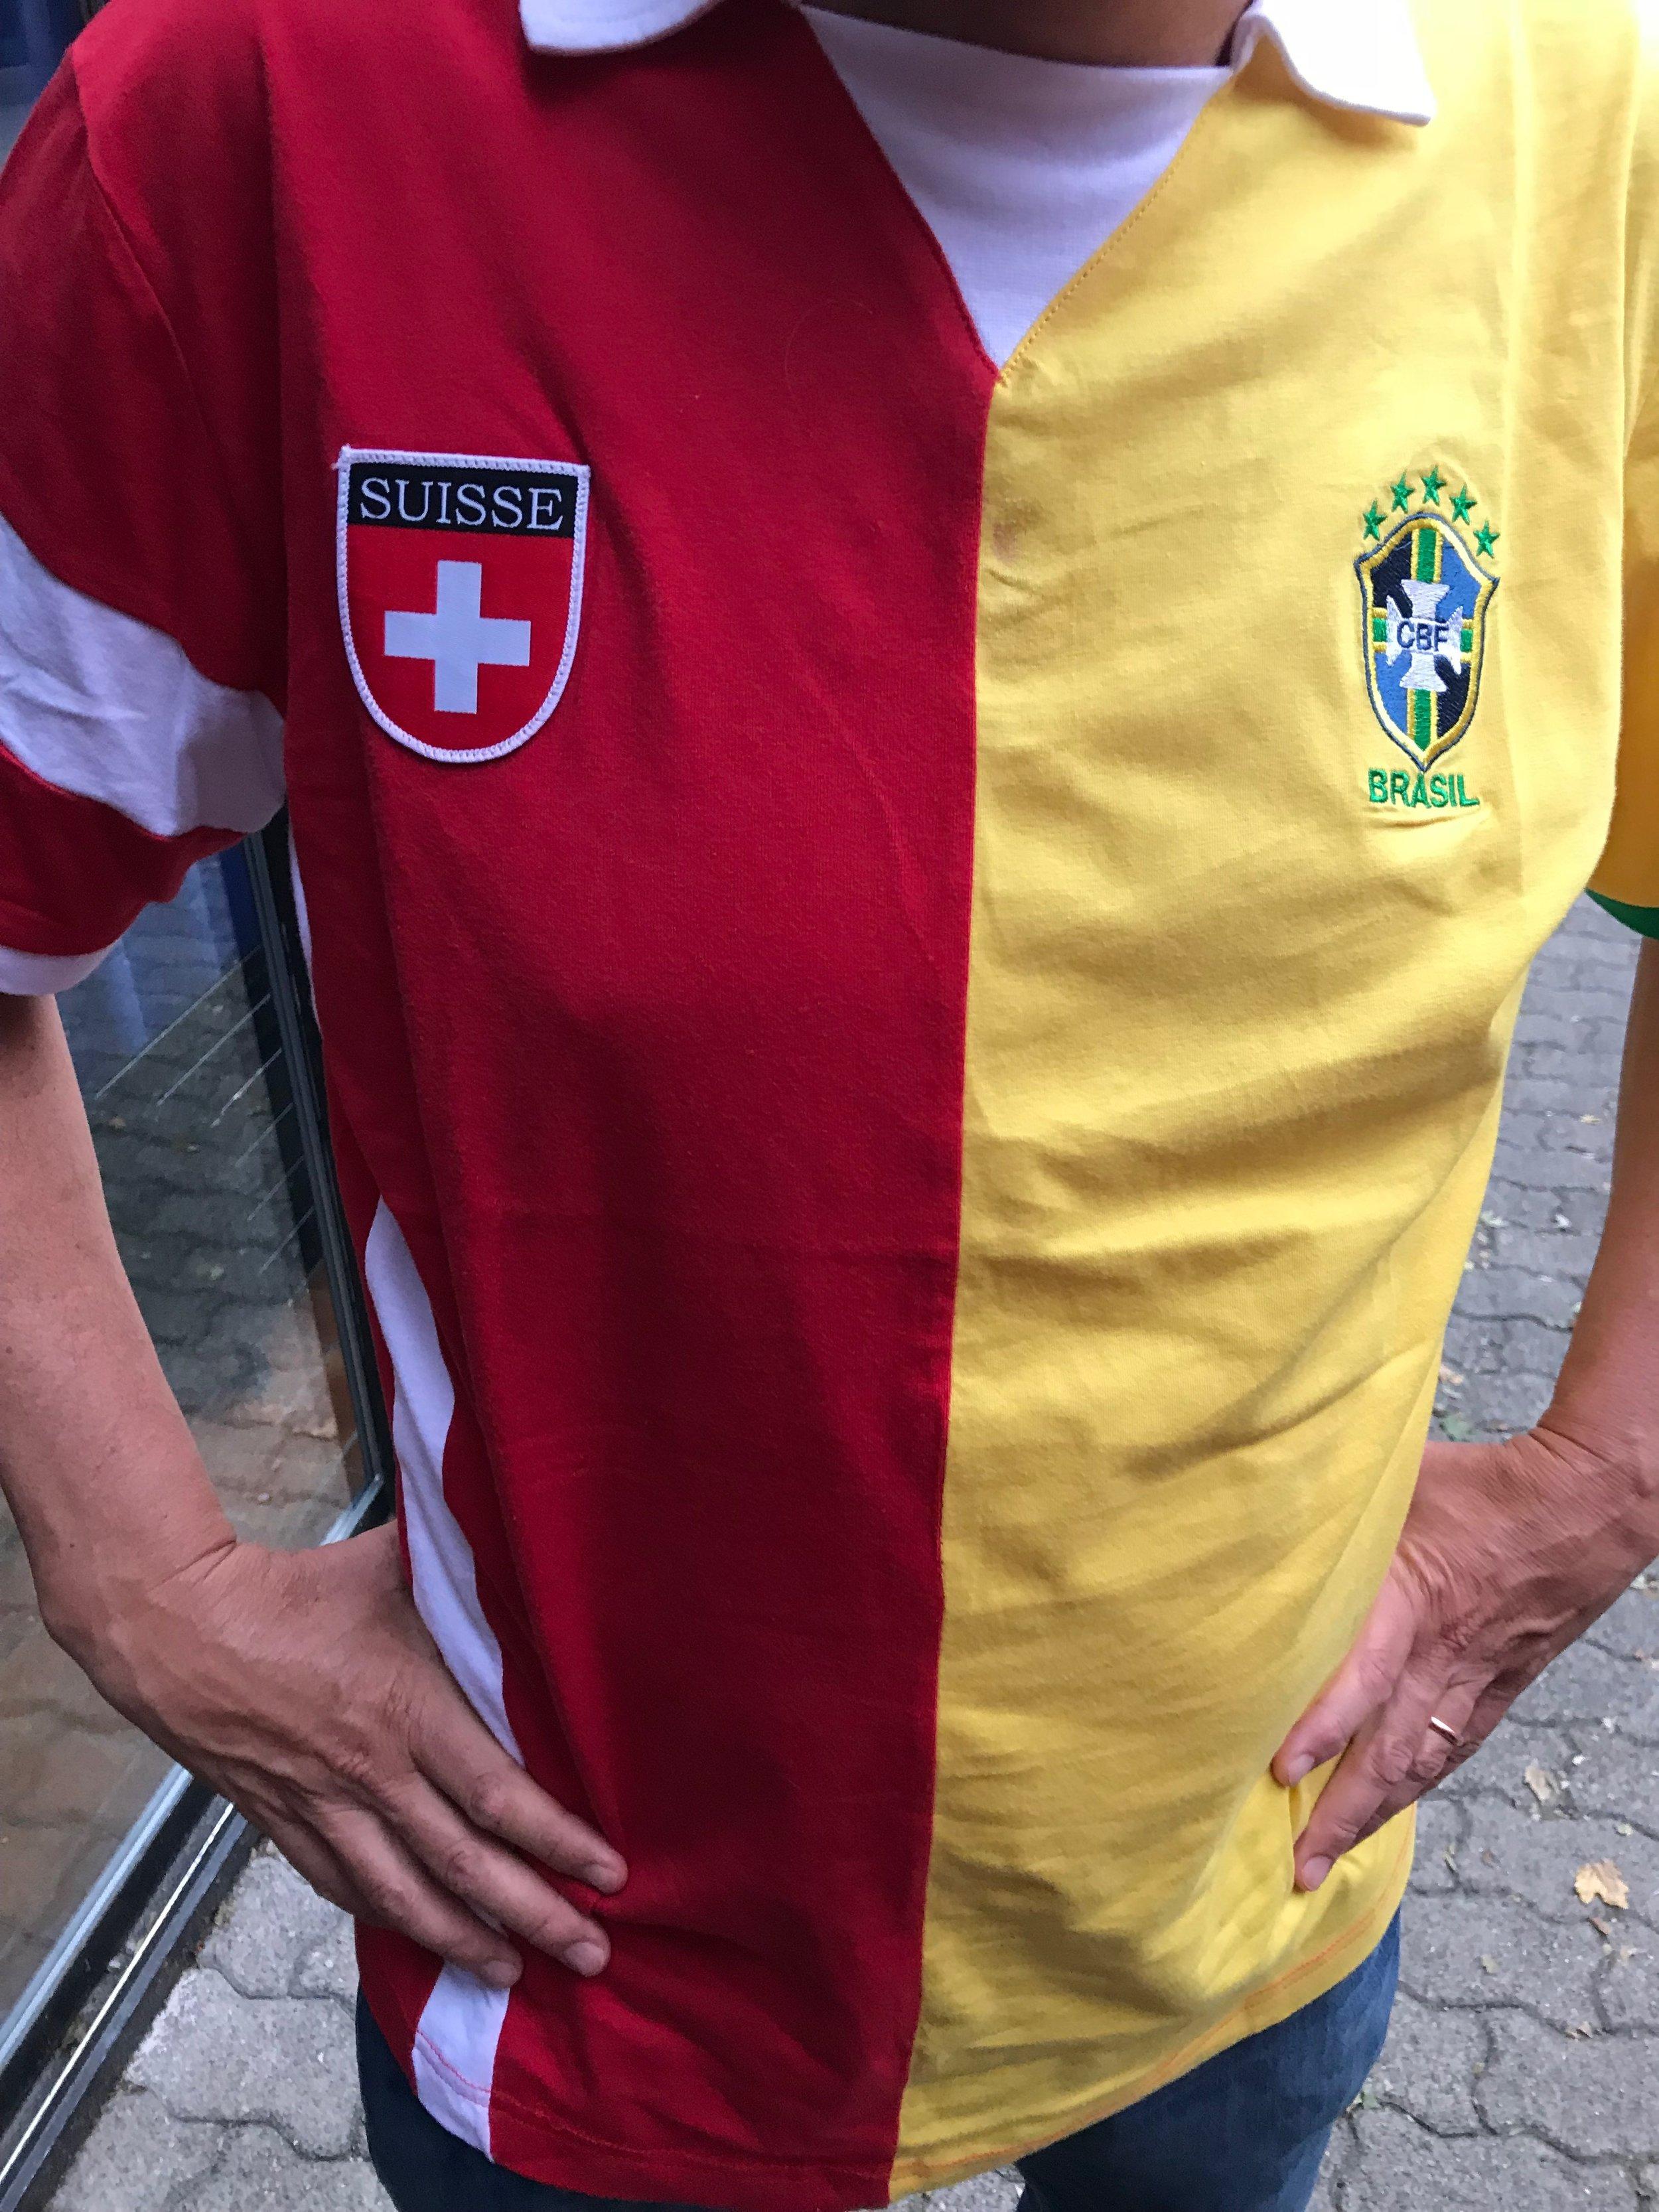 Sympathischer Fussball-Fan und Doppelbürger?